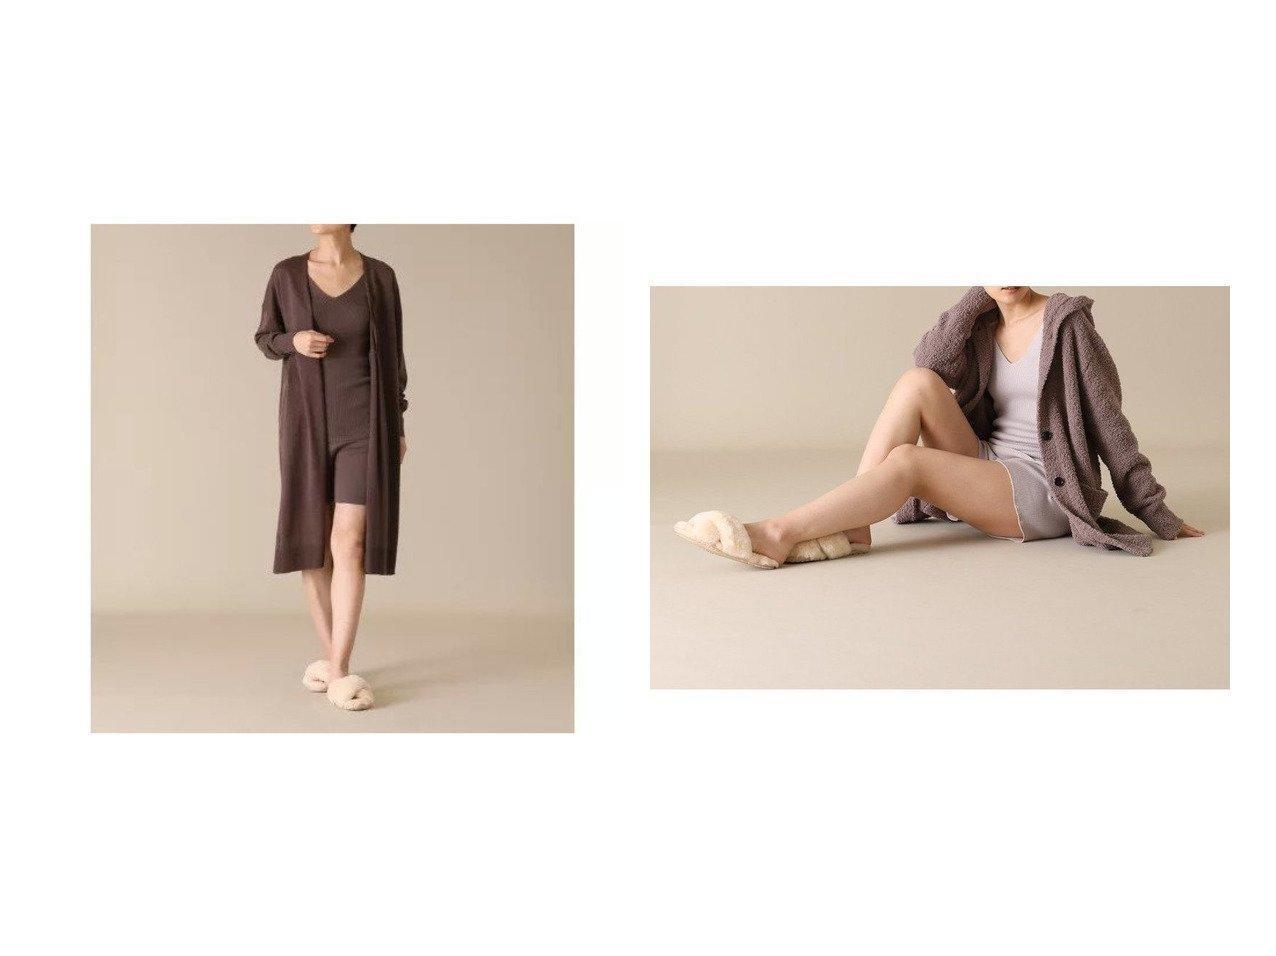 【I.T.'S. international/イッツインターナショナル】のニットセットアップ《スビン綿》&ニットセットアップ スビン綿 ワンピース・ドレスのおすすめ!人気、トレンド・レディースファッションの通販  おすすめで人気の流行・トレンド、ファッションの通販商品 メンズファッション・キッズファッション・インテリア・家具・レディースファッション・服の通販 founy(ファニー) https://founy.com/ ファッション Fashion レディースファッション WOMEN トップス カットソー Tops Tshirt ニット Knit Tops カーディガン Cardigans アンサンブル Knit Ensemble セットアップ Setup トップス Tops おすすめ Recommend アンサンブル カーディガン キャミソール ショート セットアップ フィット リラックス |ID:crp329100000022770